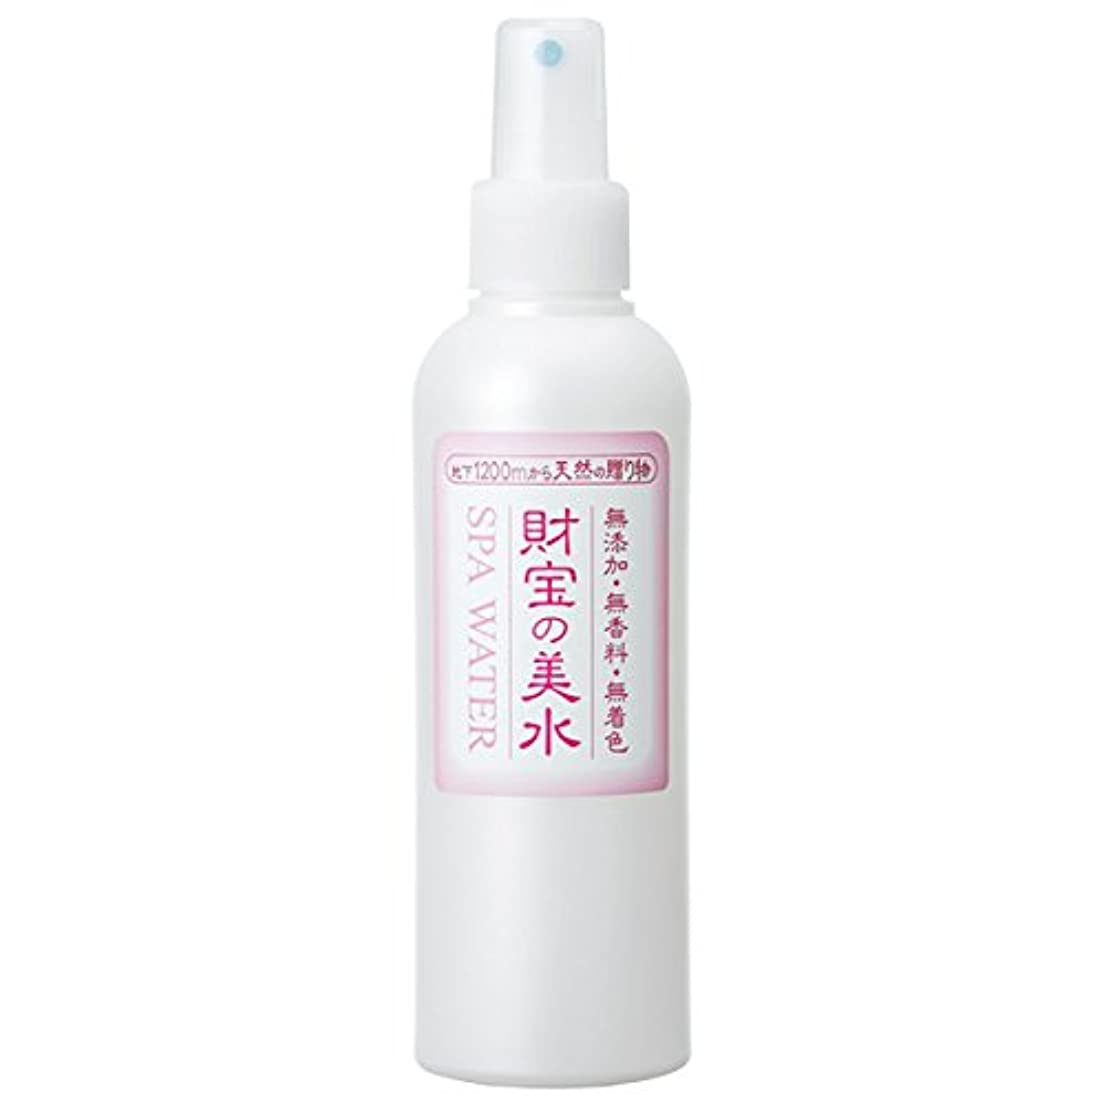 発明する質量水っぽい財宝 温泉 美水 ミスト 化粧水 200ml